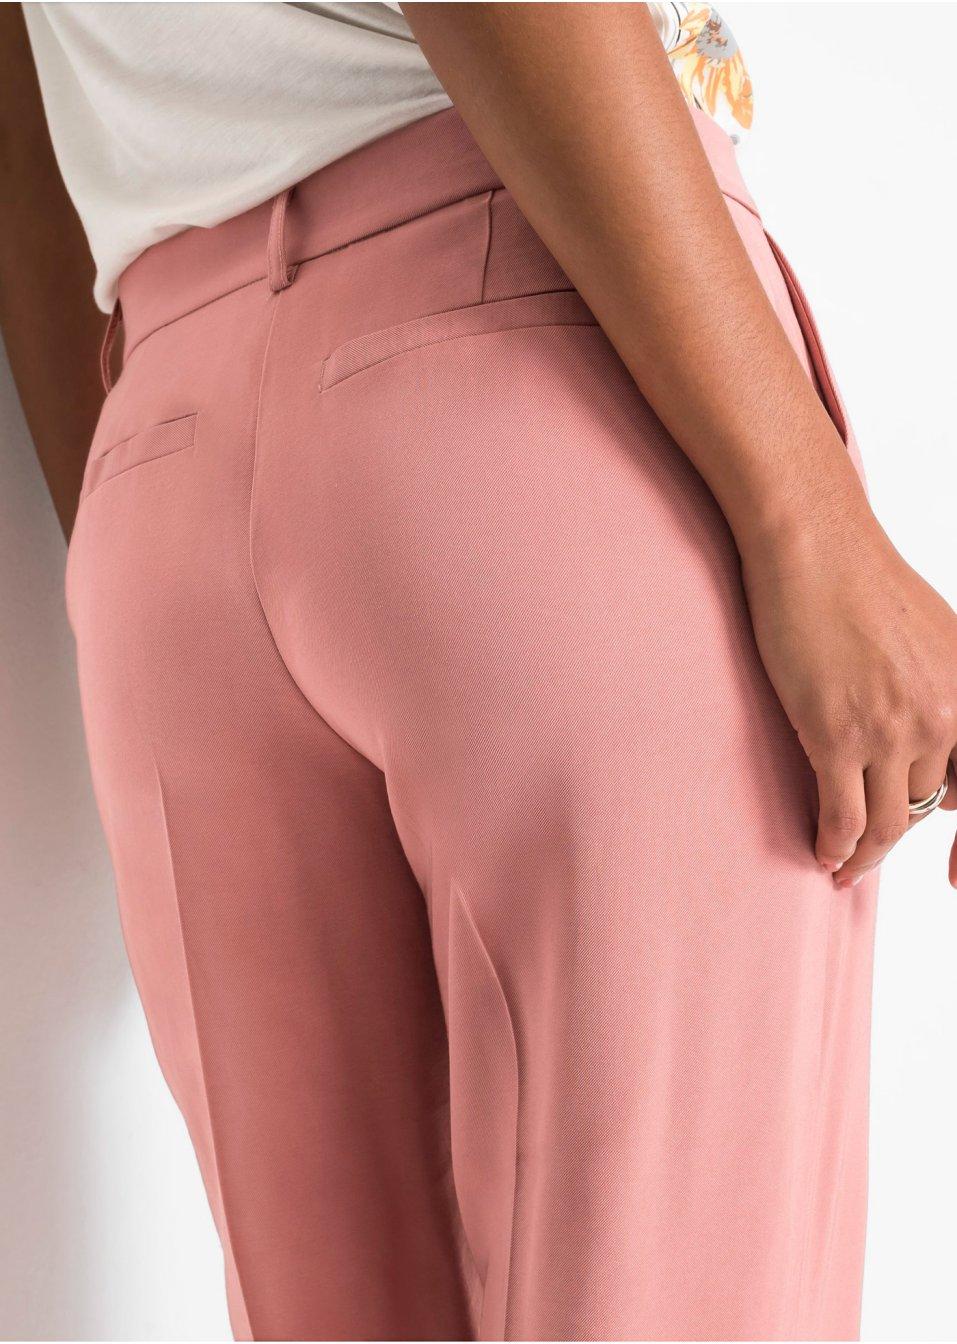 Mode Femme Vêtements DJLfdOFlkj Pantalon, jambes larges pêche fumé BODYFLIRT .fr